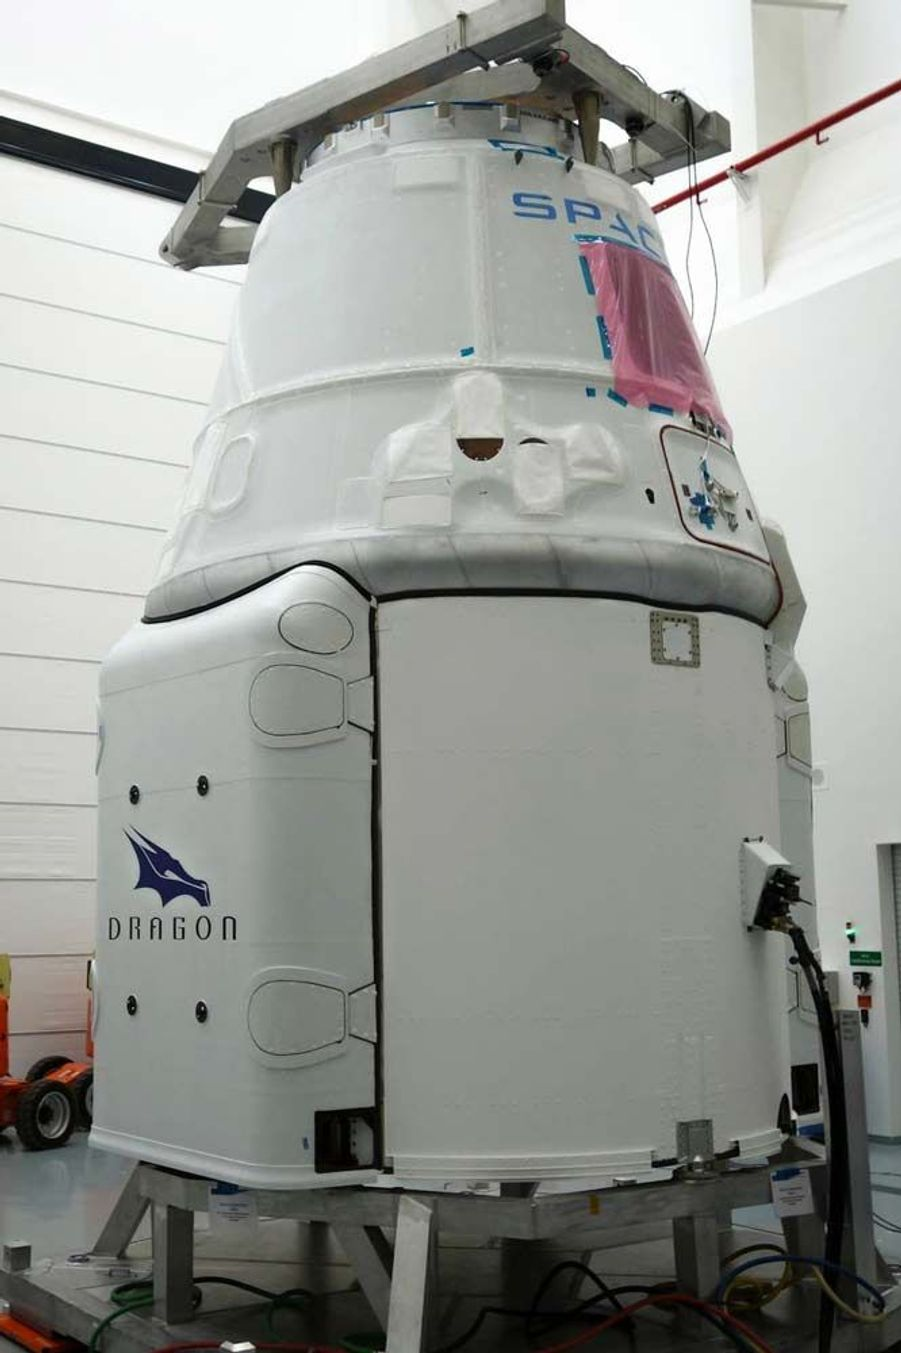 L'année 2015 a été riche en actualités spatiales. Entre les épisodesRosetta et Philaesur la comète Tchouri, ladécouverte d'eau liquidesur Mars,les magnifiques clichésde la planète naine Pluton,la conquête spatialede Jeff Bezos, oules mystérieuses lumières de Cérès, les mordus d'étoiles ont été servis.A la fin de l'année 2016, SpaceX fera encore couler de l'encre avec sa navette Dragon V2, qui a été choisie par la Nasa pour transporter des astronautes vers l'ISS. Las, le vaisseau de la société du milliardaire Elon Musk, actuel propriétaire de Tesla, est hors service depuis 2011. Dragon V2 devrait alors subir des vols d'essais à cette période pour tester sa fiabilité. Si les tests sont concluants, SpaceX pourrait entamer des vols habités en 2017.